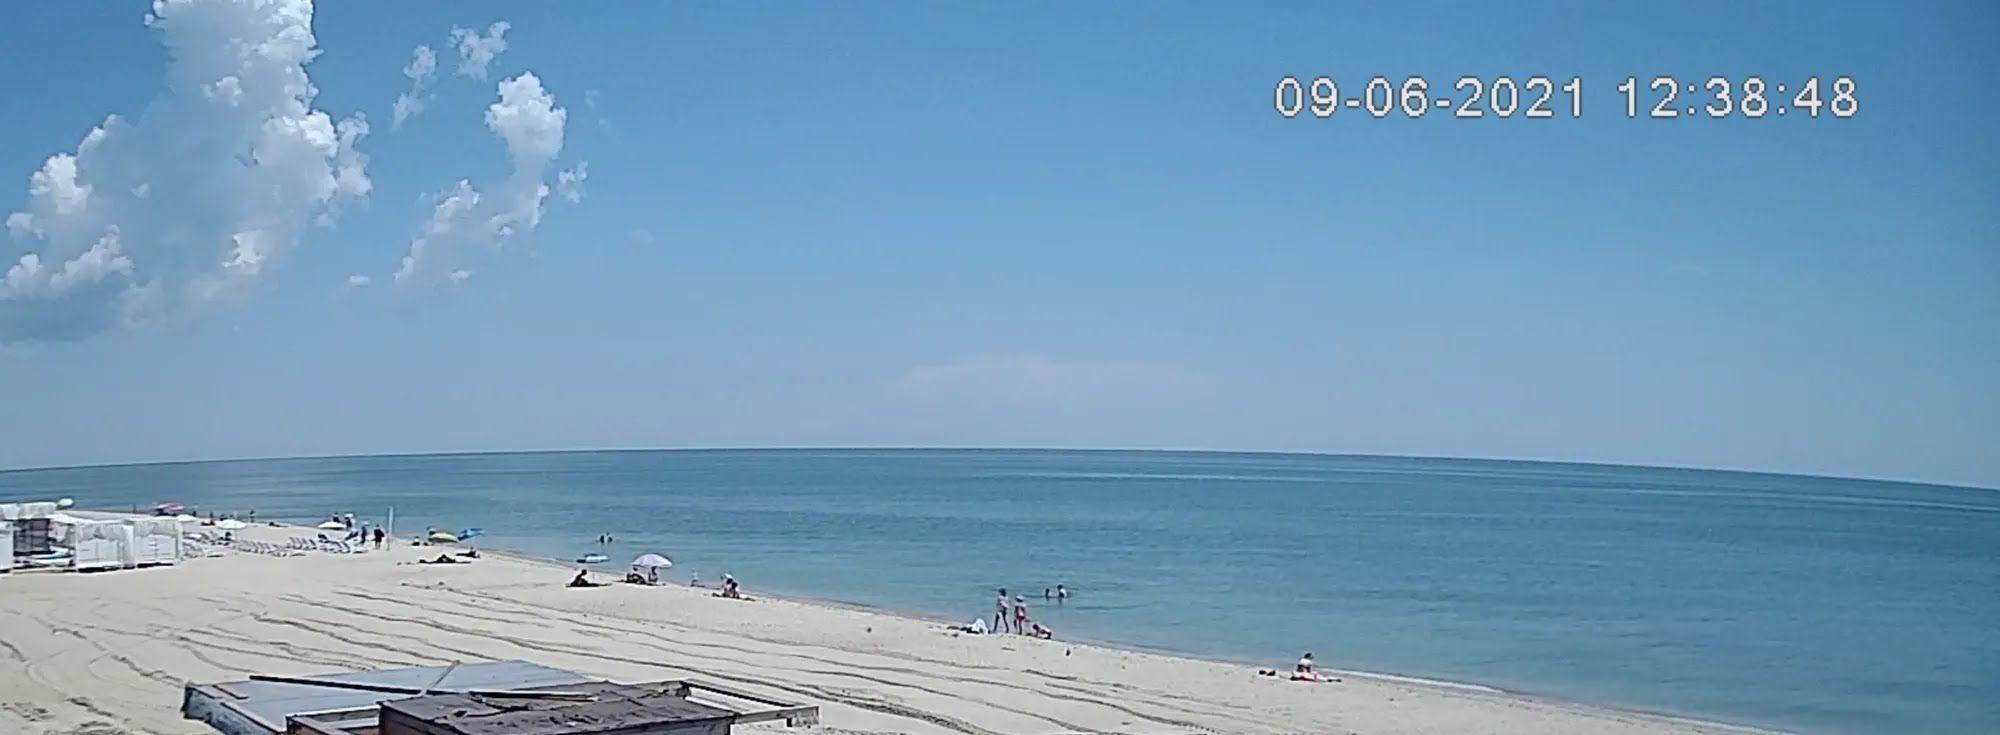 Центральний пляж Чорноморського узбережжя Затоки.